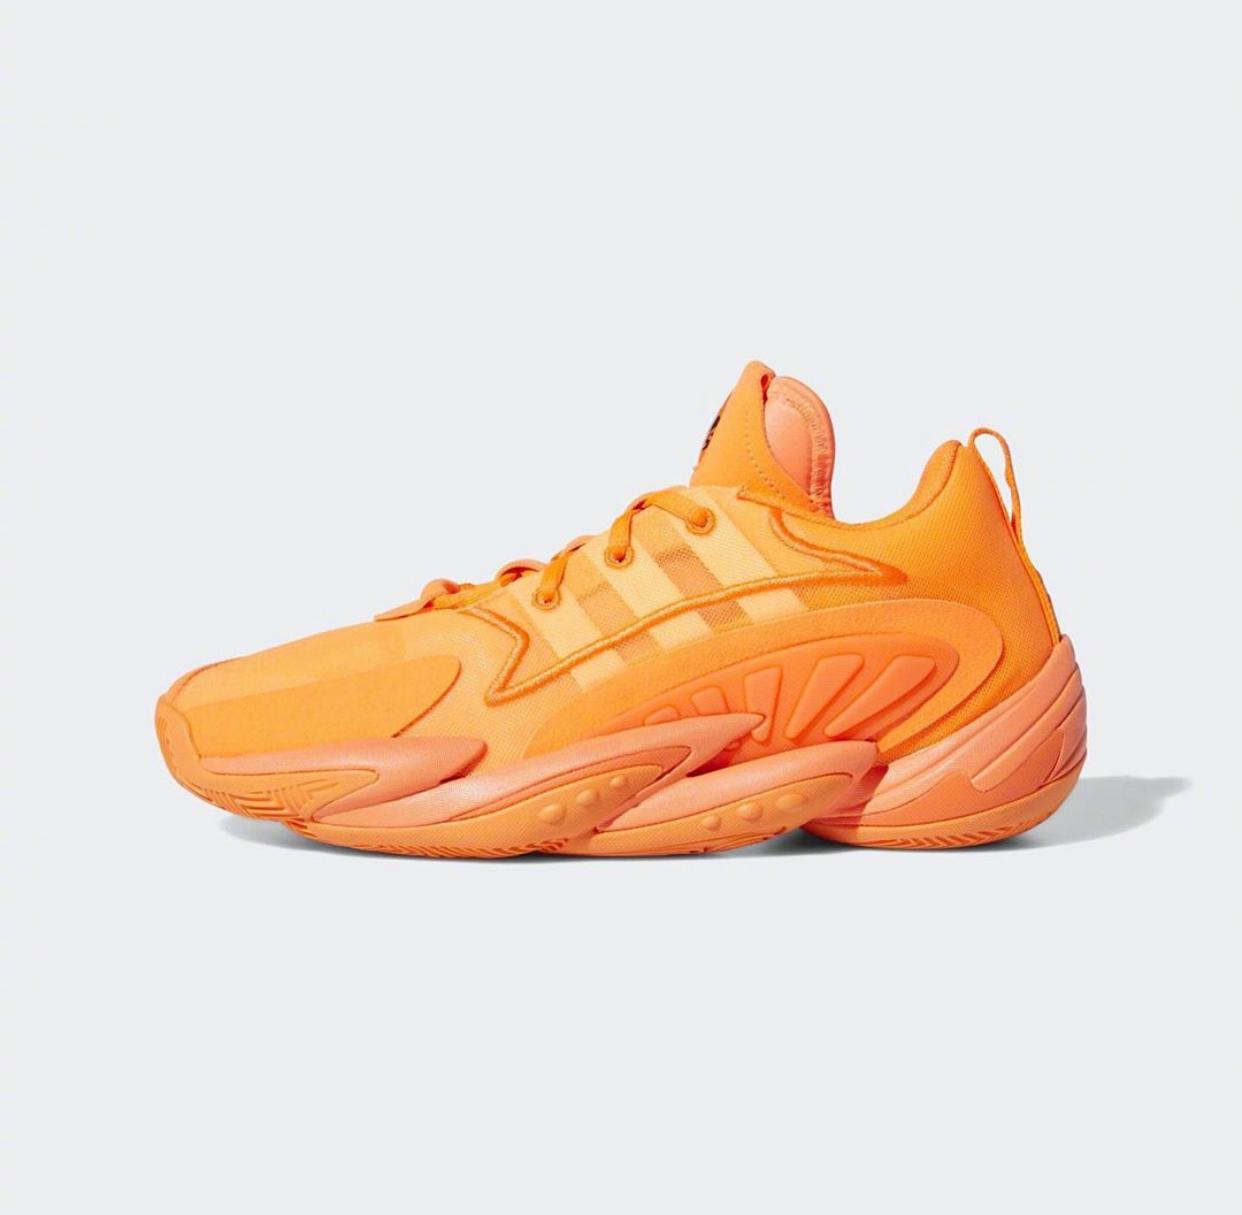 接下来将会面世的一些adidas篮球鞋,包括Crazy BYW 2